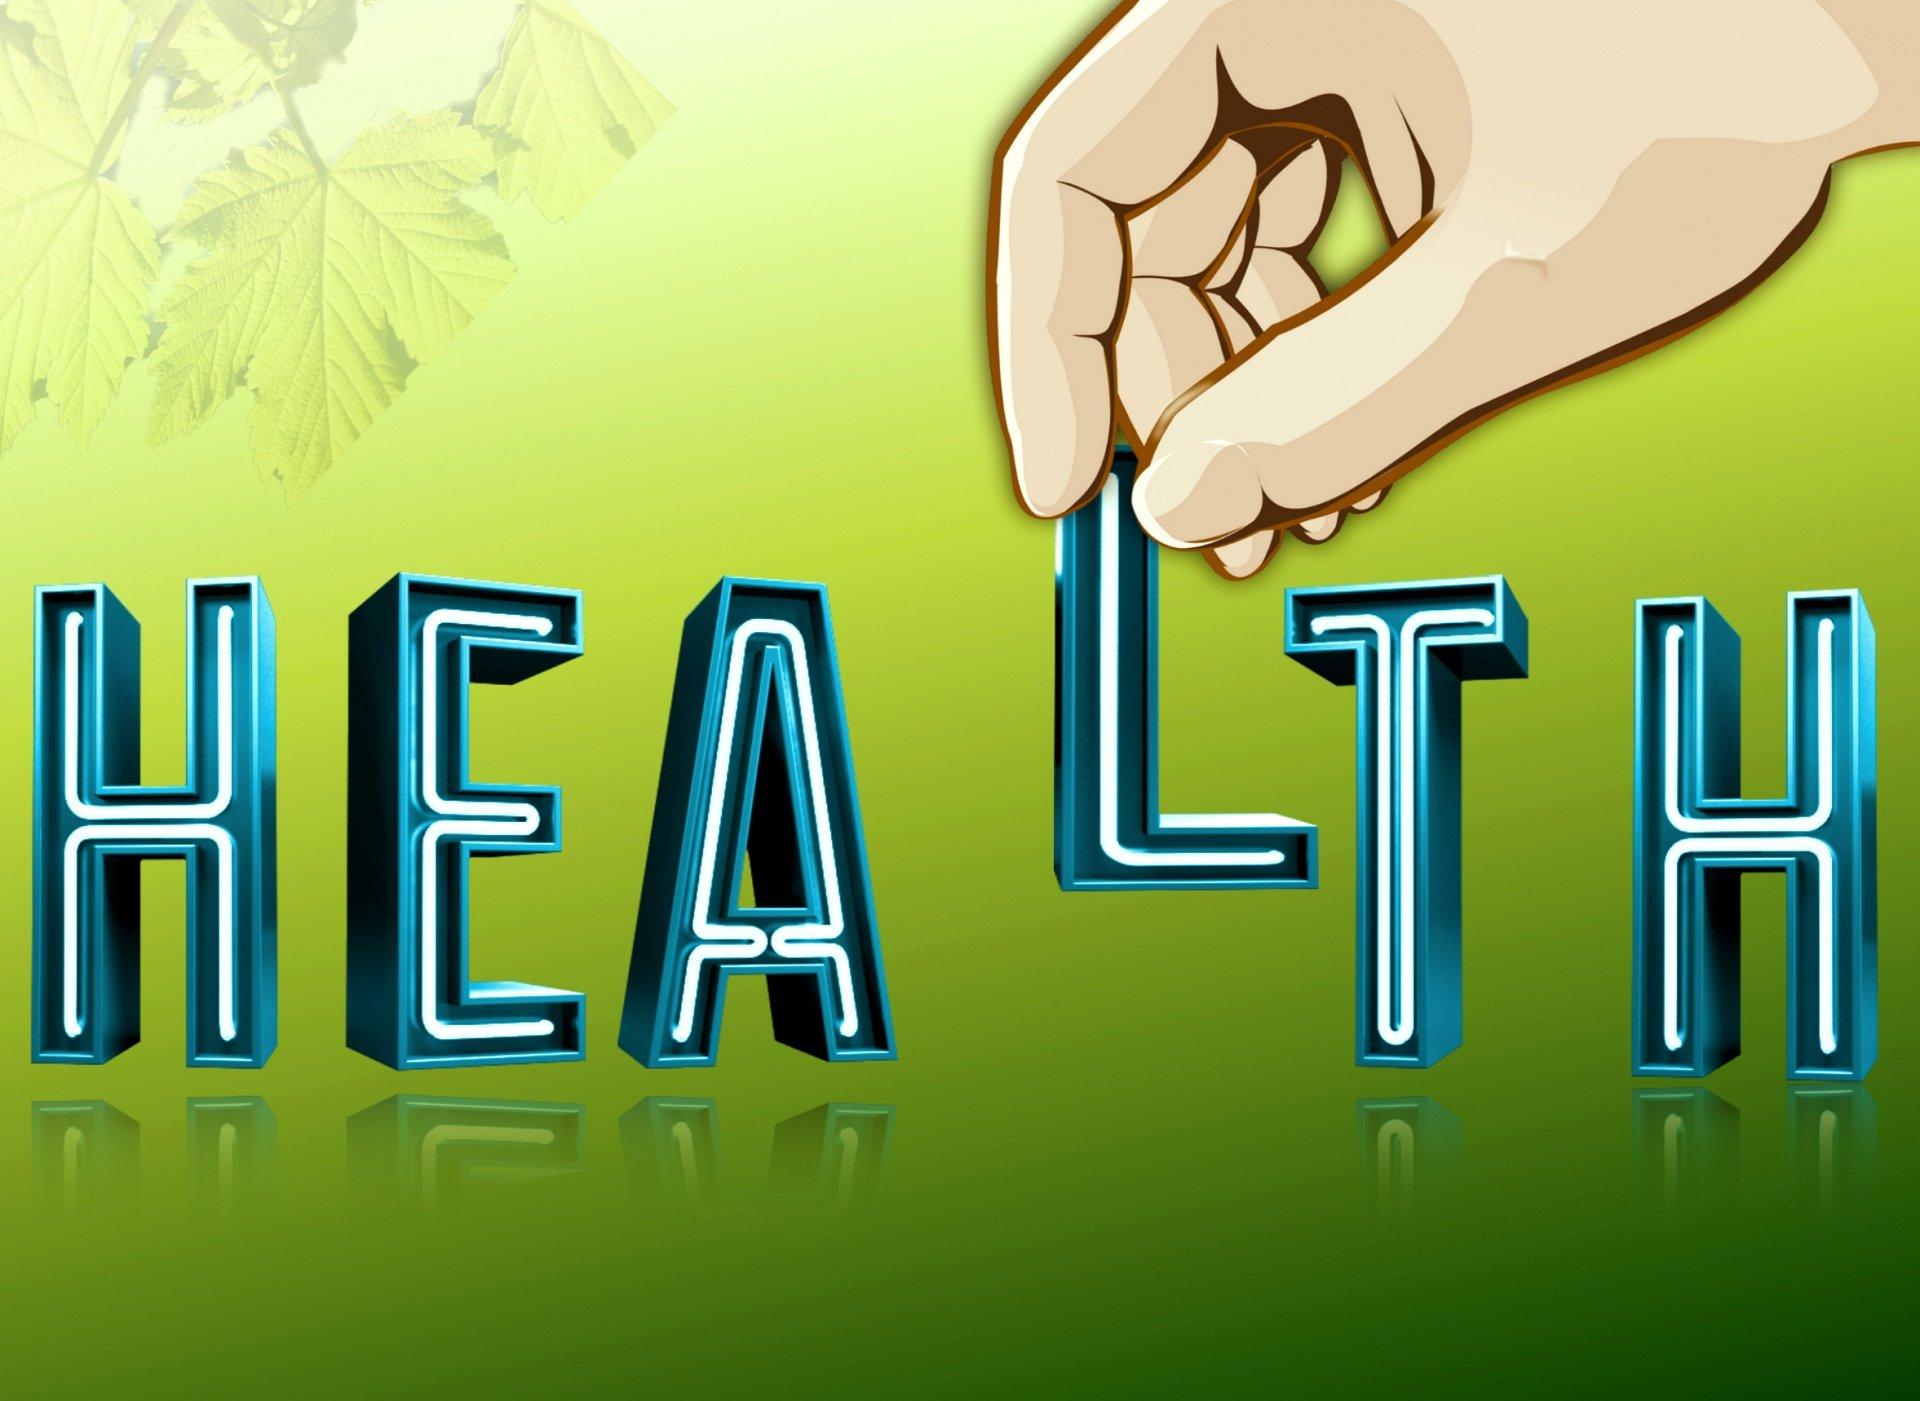 Cannabis-Behandlung Leistungsindikatoren sucht: Erste Studie Ihrer Art: Studie zeigt eine cannabis-Ersatz-Therapie kann wirksam sein